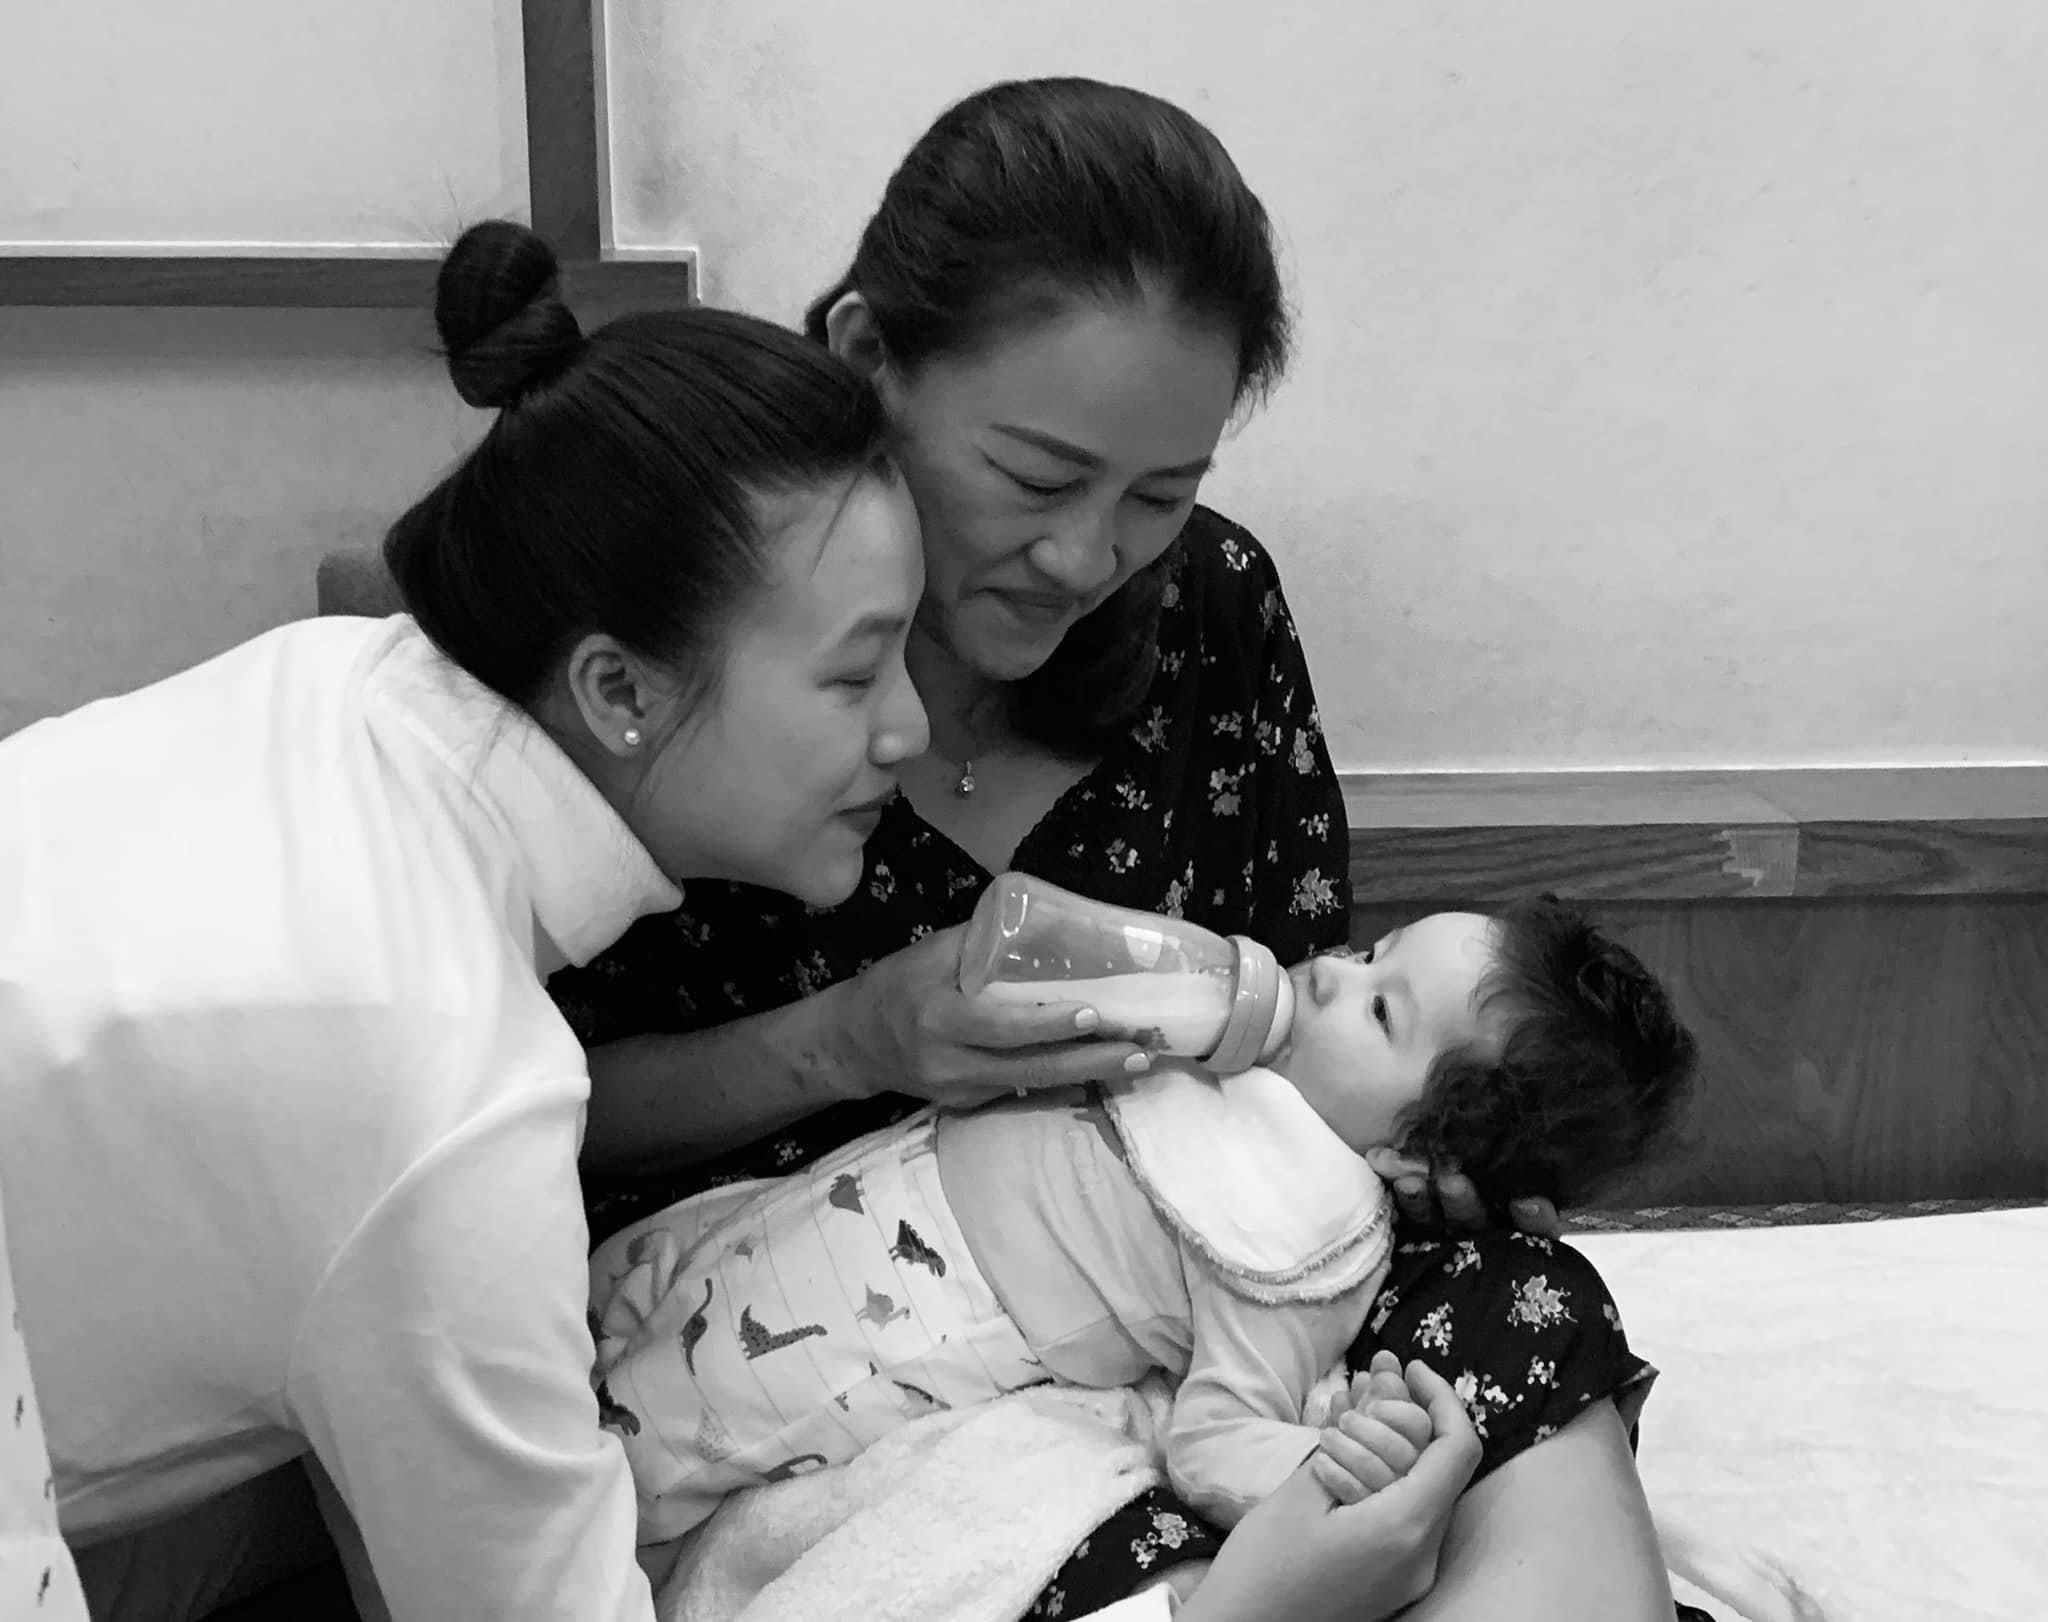 Xa chồng Tây, Hoàng Oanh phải ngồi xe lăn giữ thai, sau sinh bế con trào nước mắt - 5